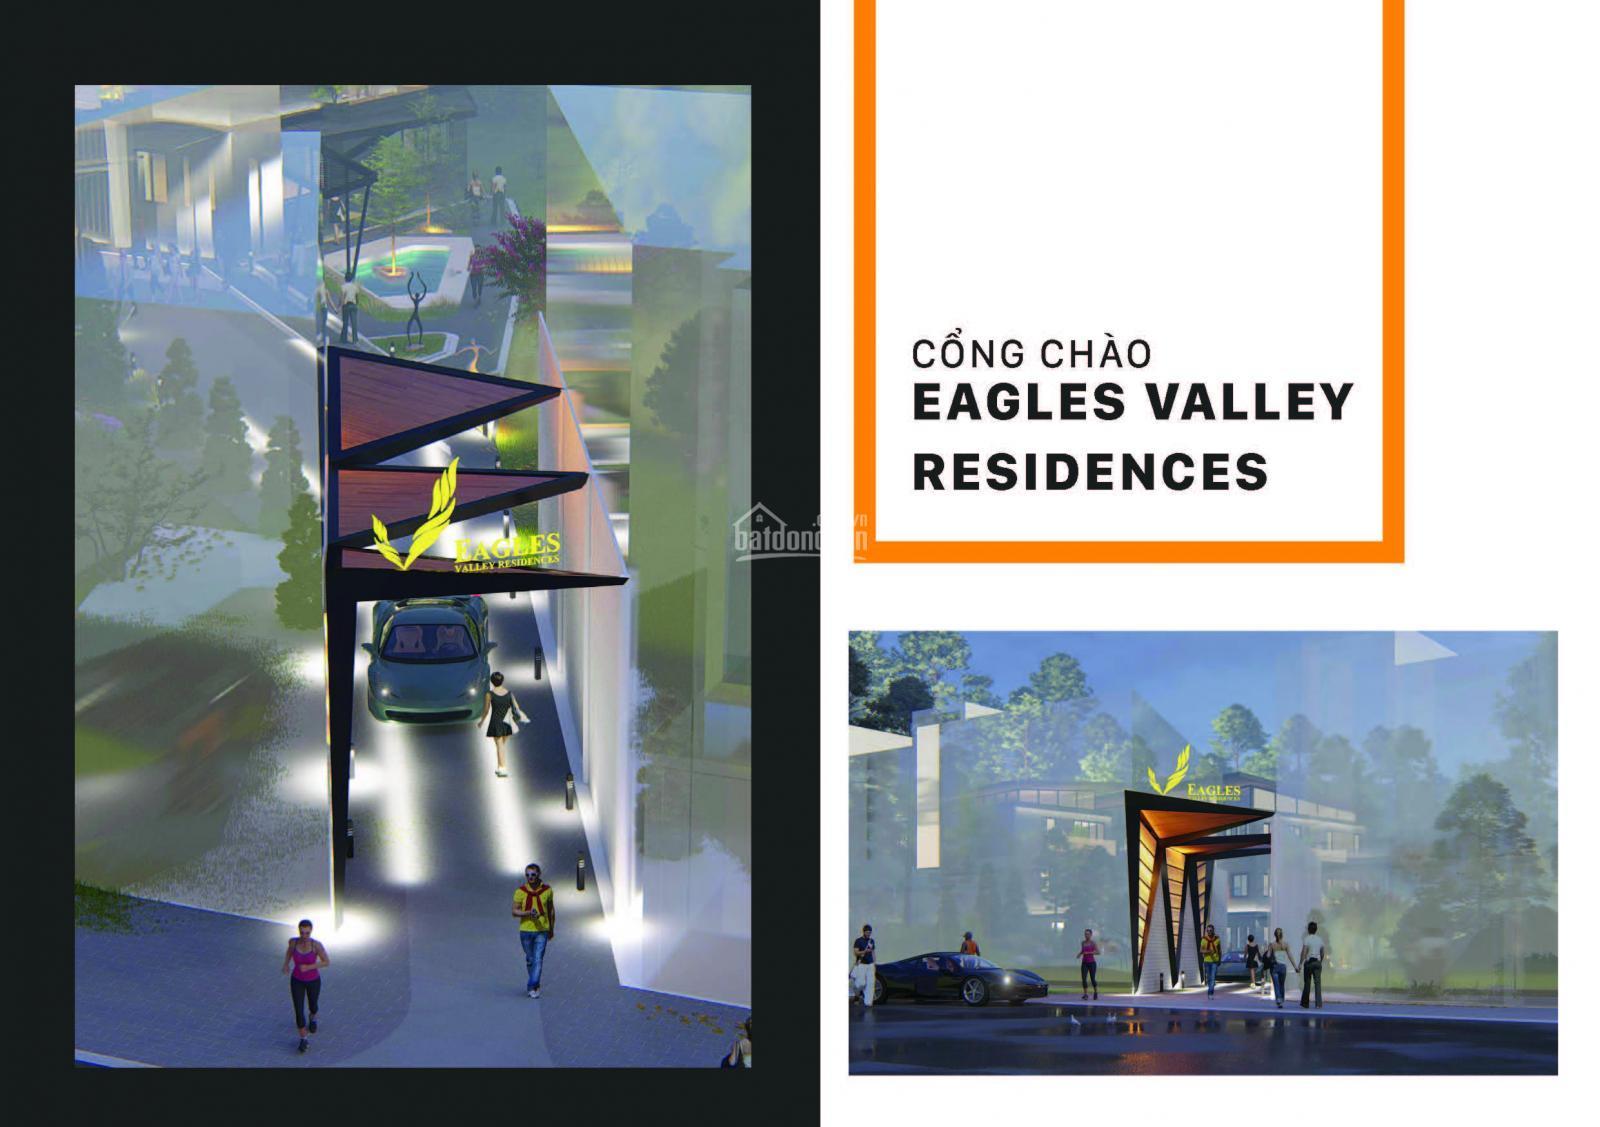 chi tiết Eagles Valley Residences - Bất động sản lưu trú thông minh - Đầu tư lợi nhuận - 0931471431